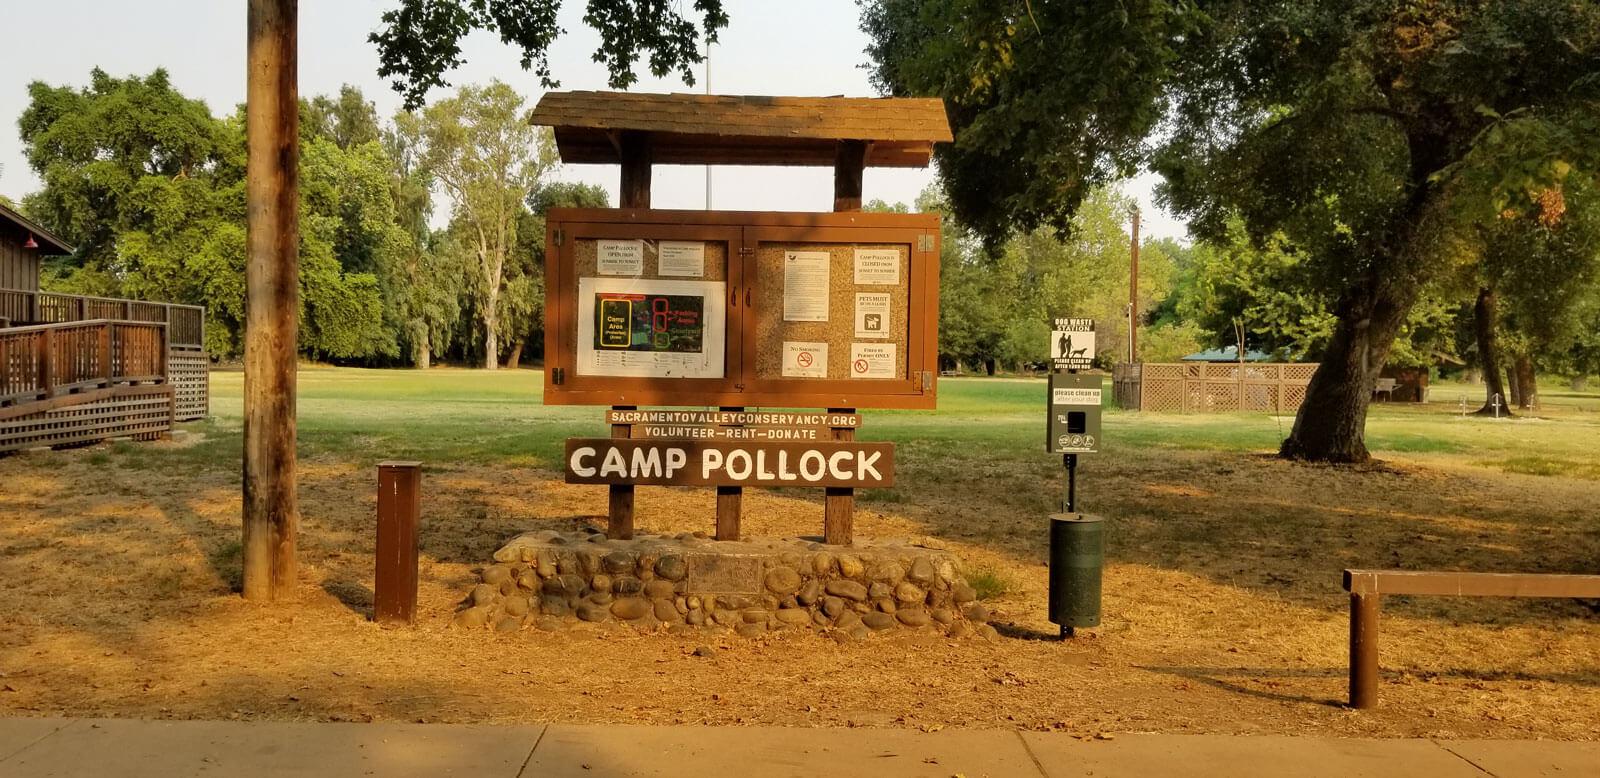 camp pollock signage